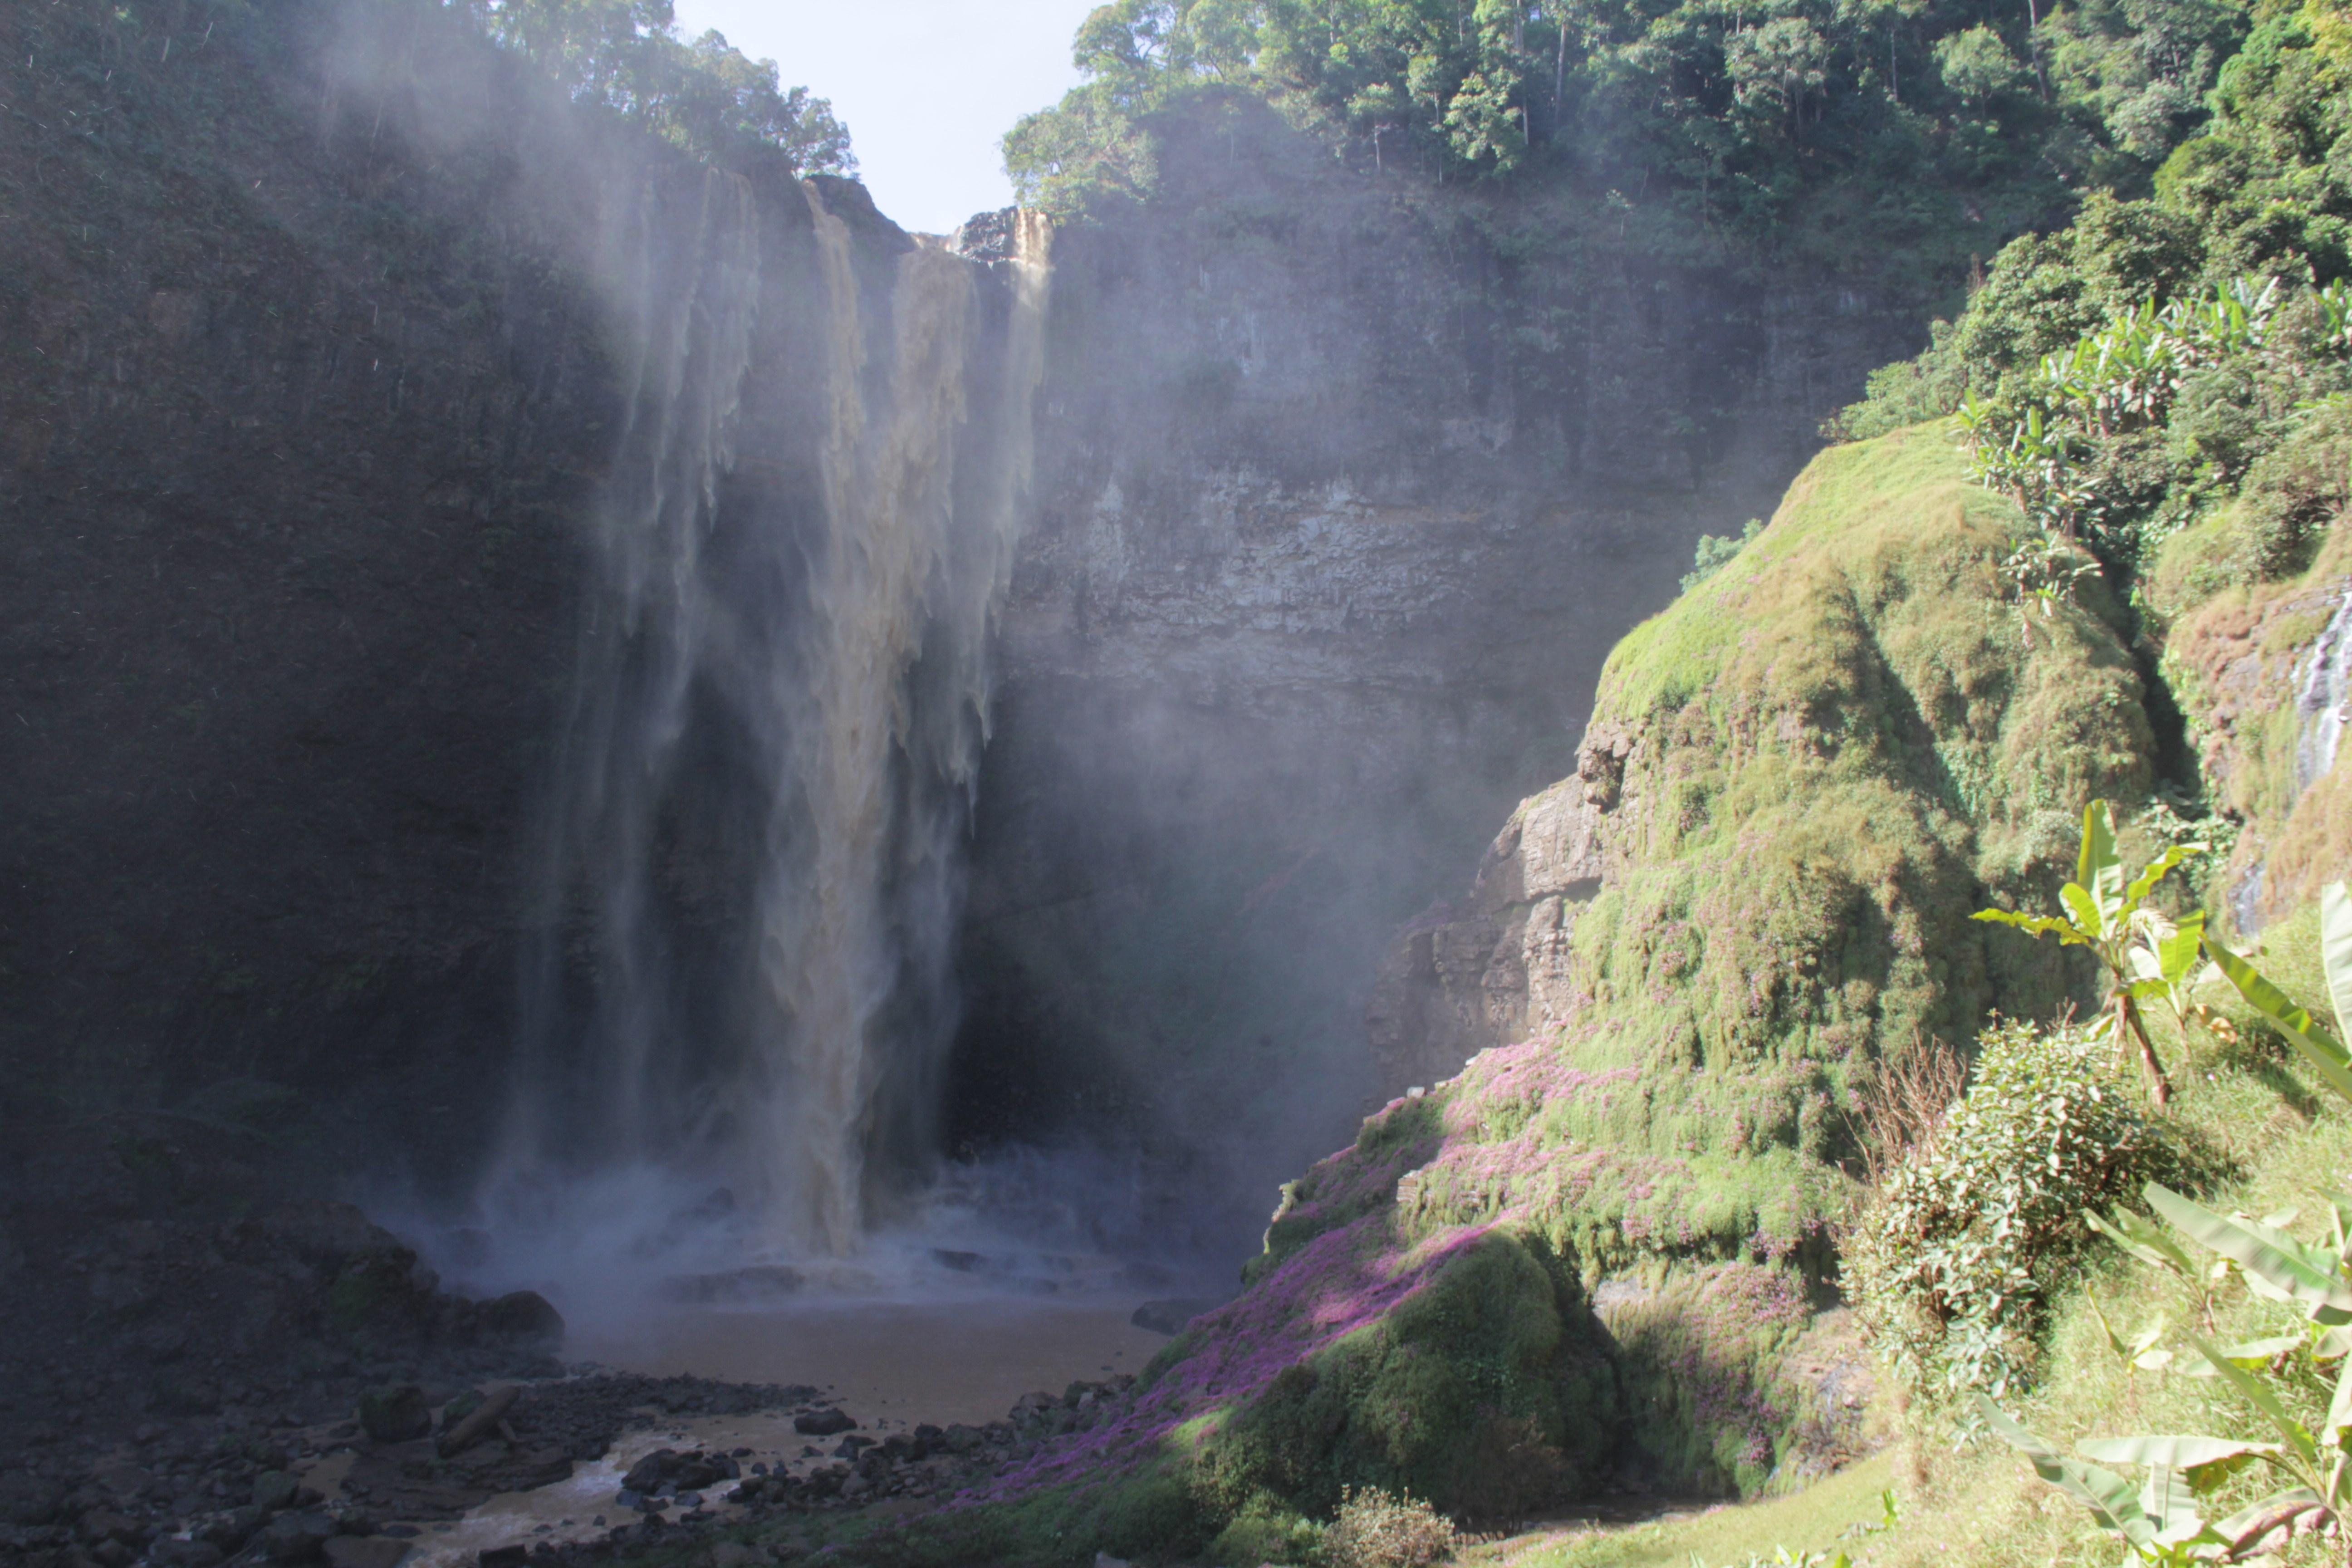 Difficile de prendre des photos plus proches de la cascade. L'objectif de l'appareil étant immédiatement trempé.